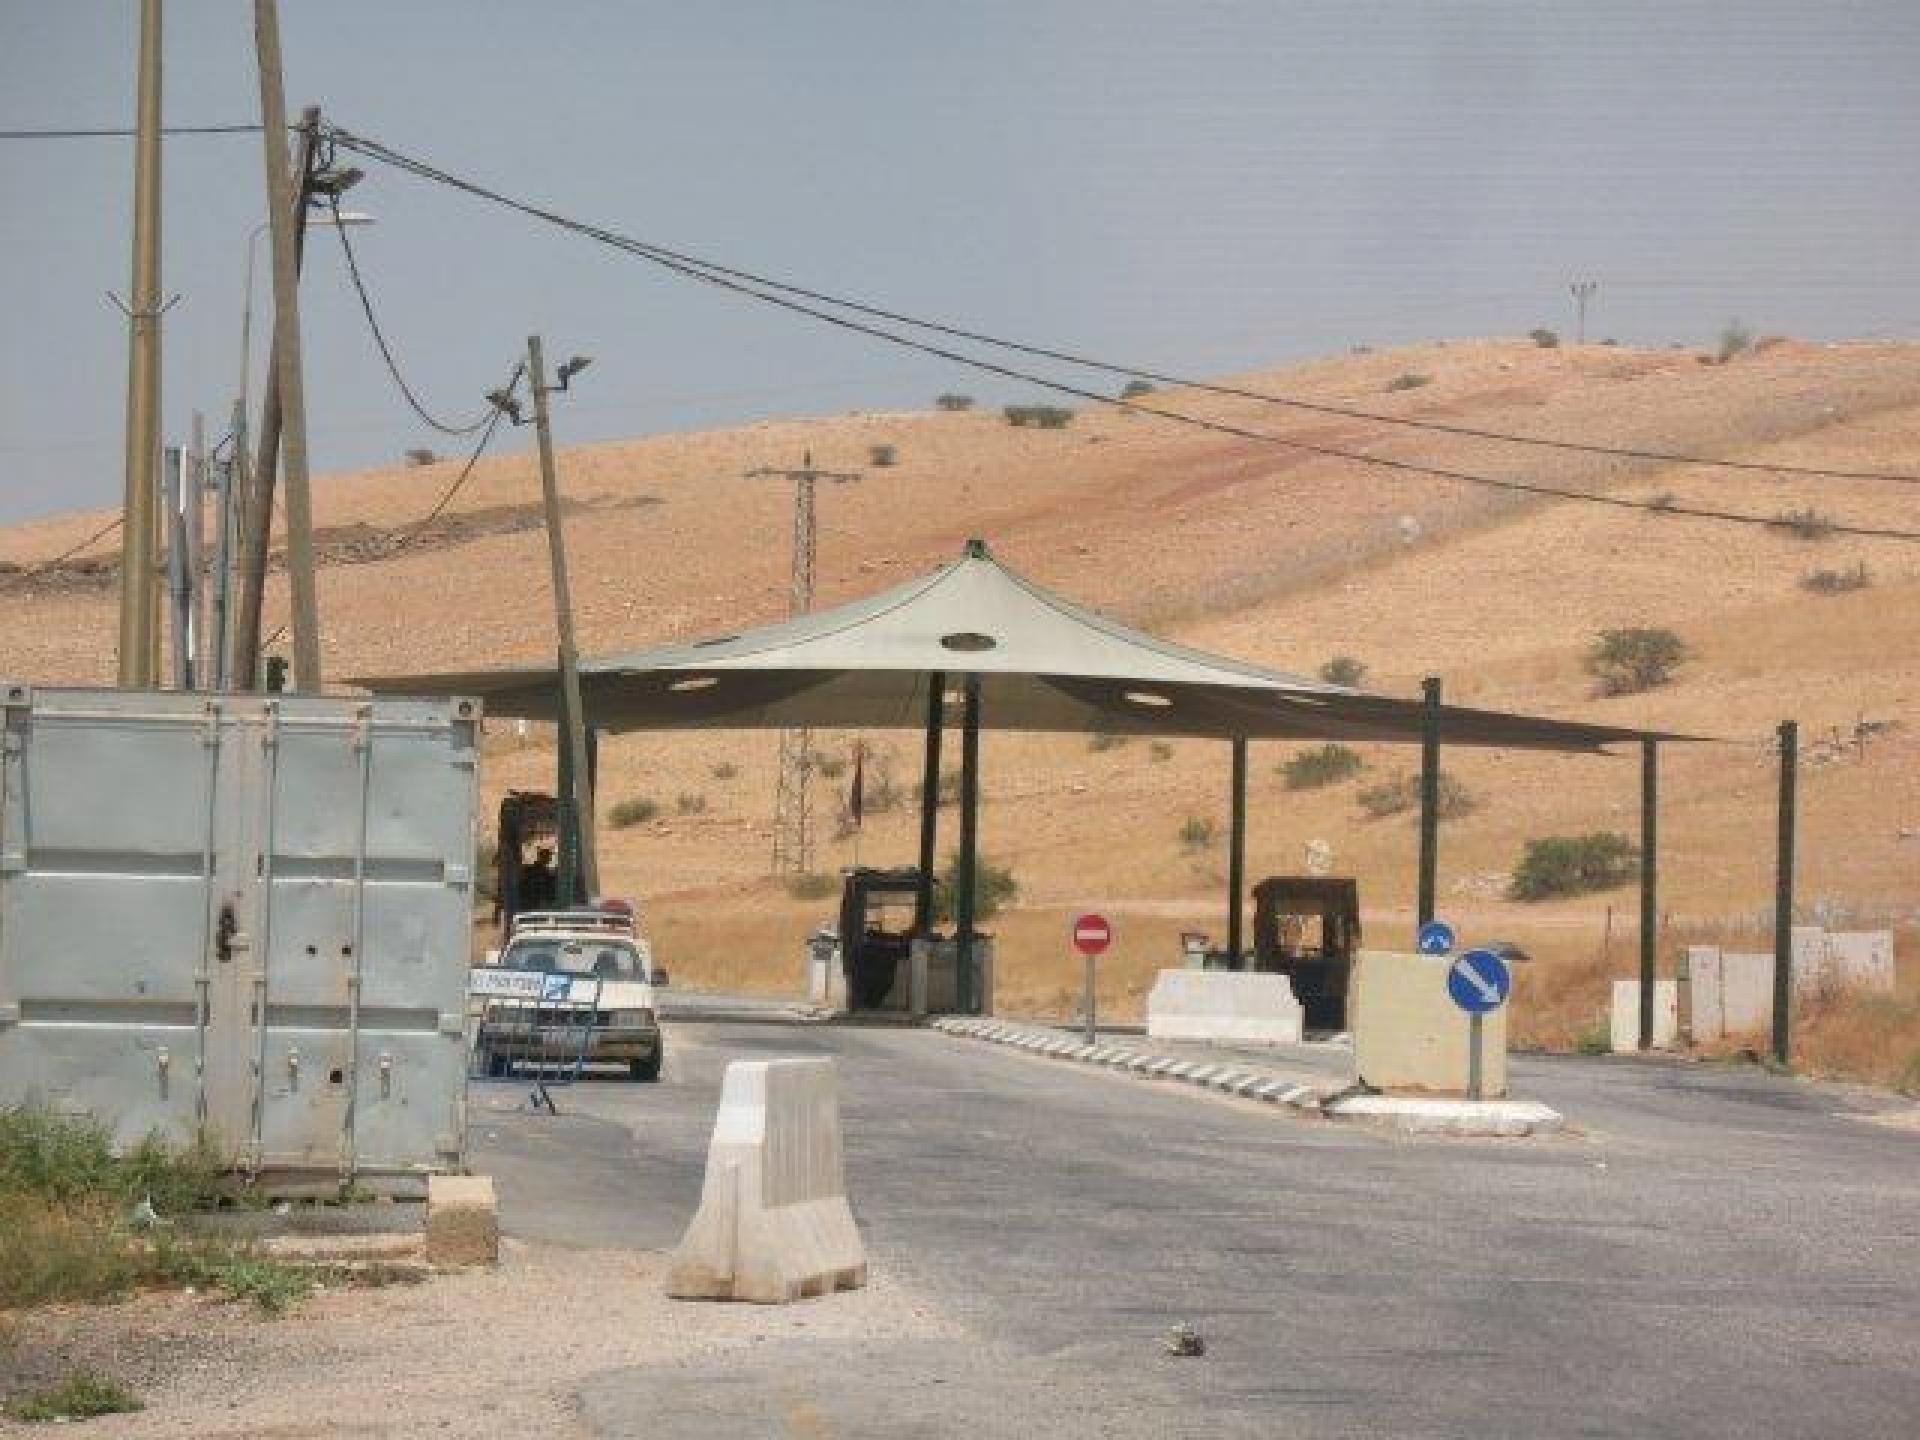 Hamra/Beqaot checkpoint 23.07.12